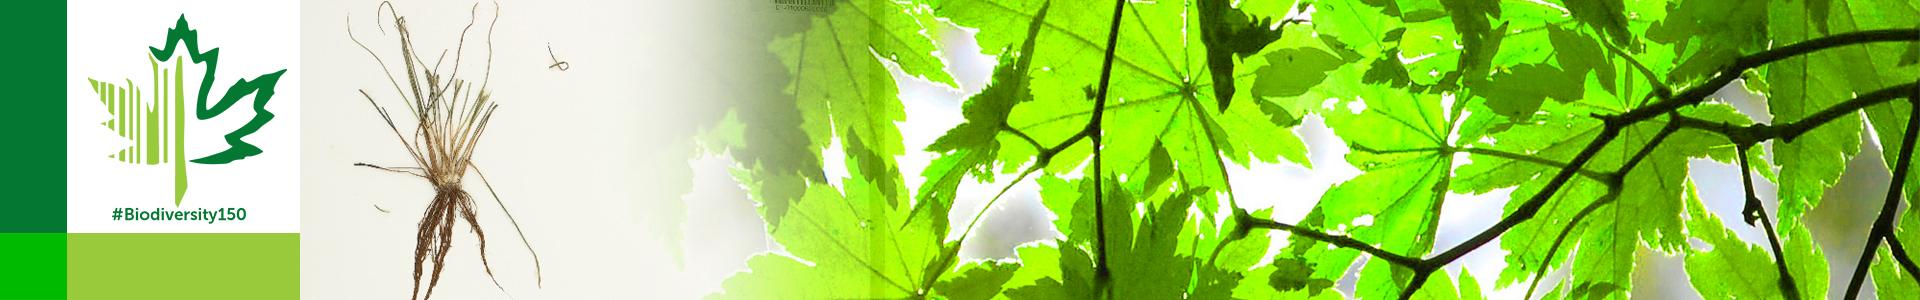 #Biodiversity150 number 146 of 150 Engelmann's Quillwort